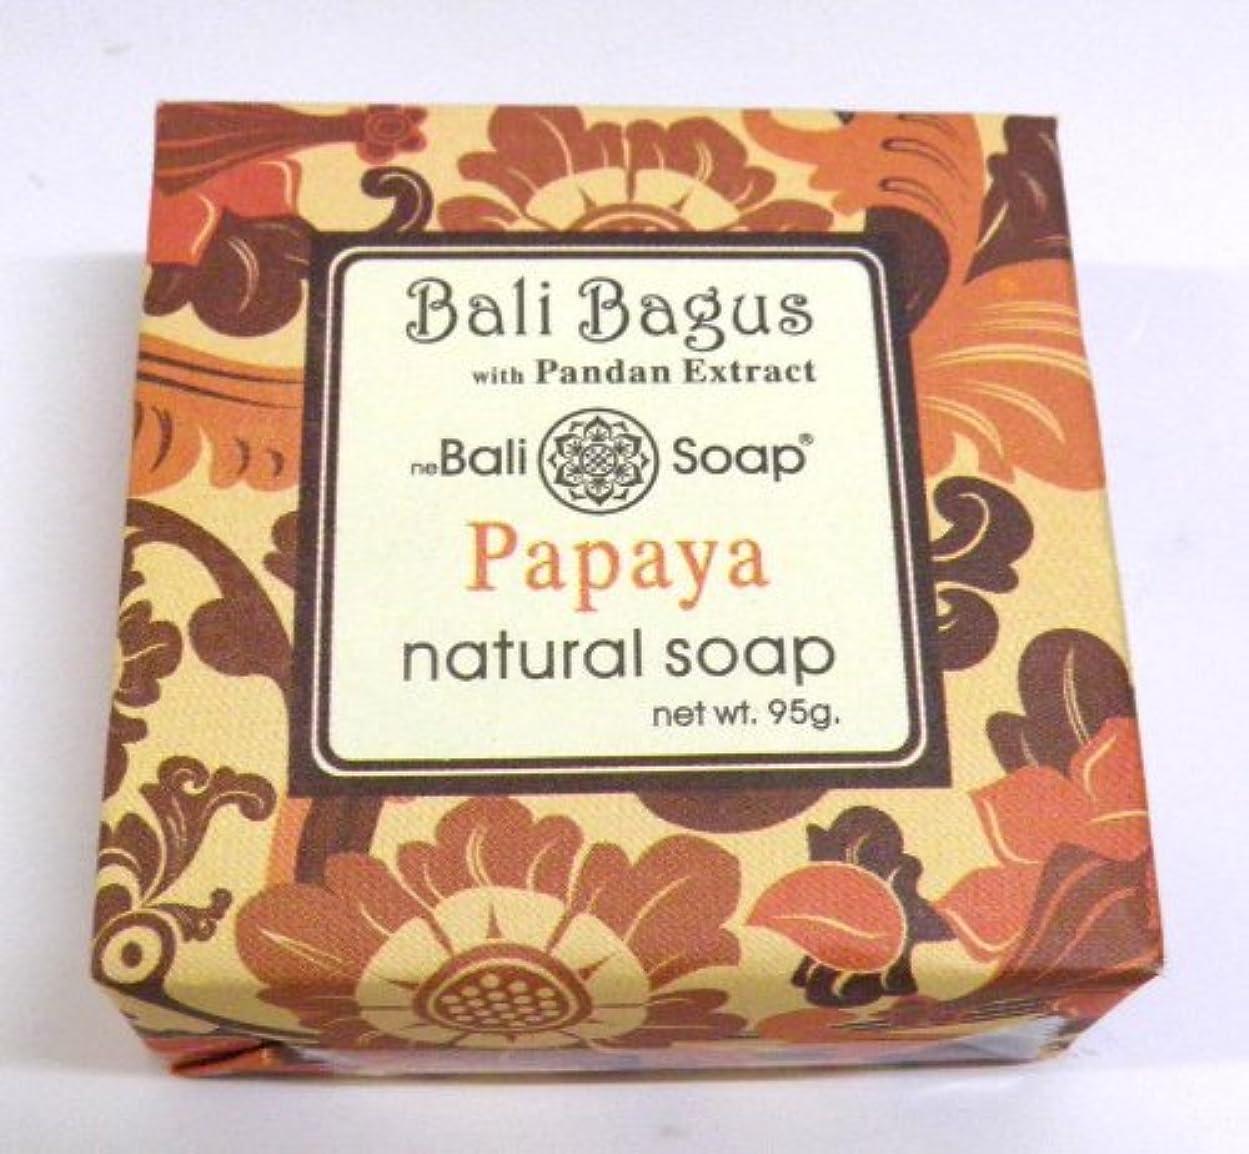 精査する中傷アマゾンジャングルBali Bagus バリナチュラルソープ (Papaya パパイヤ)